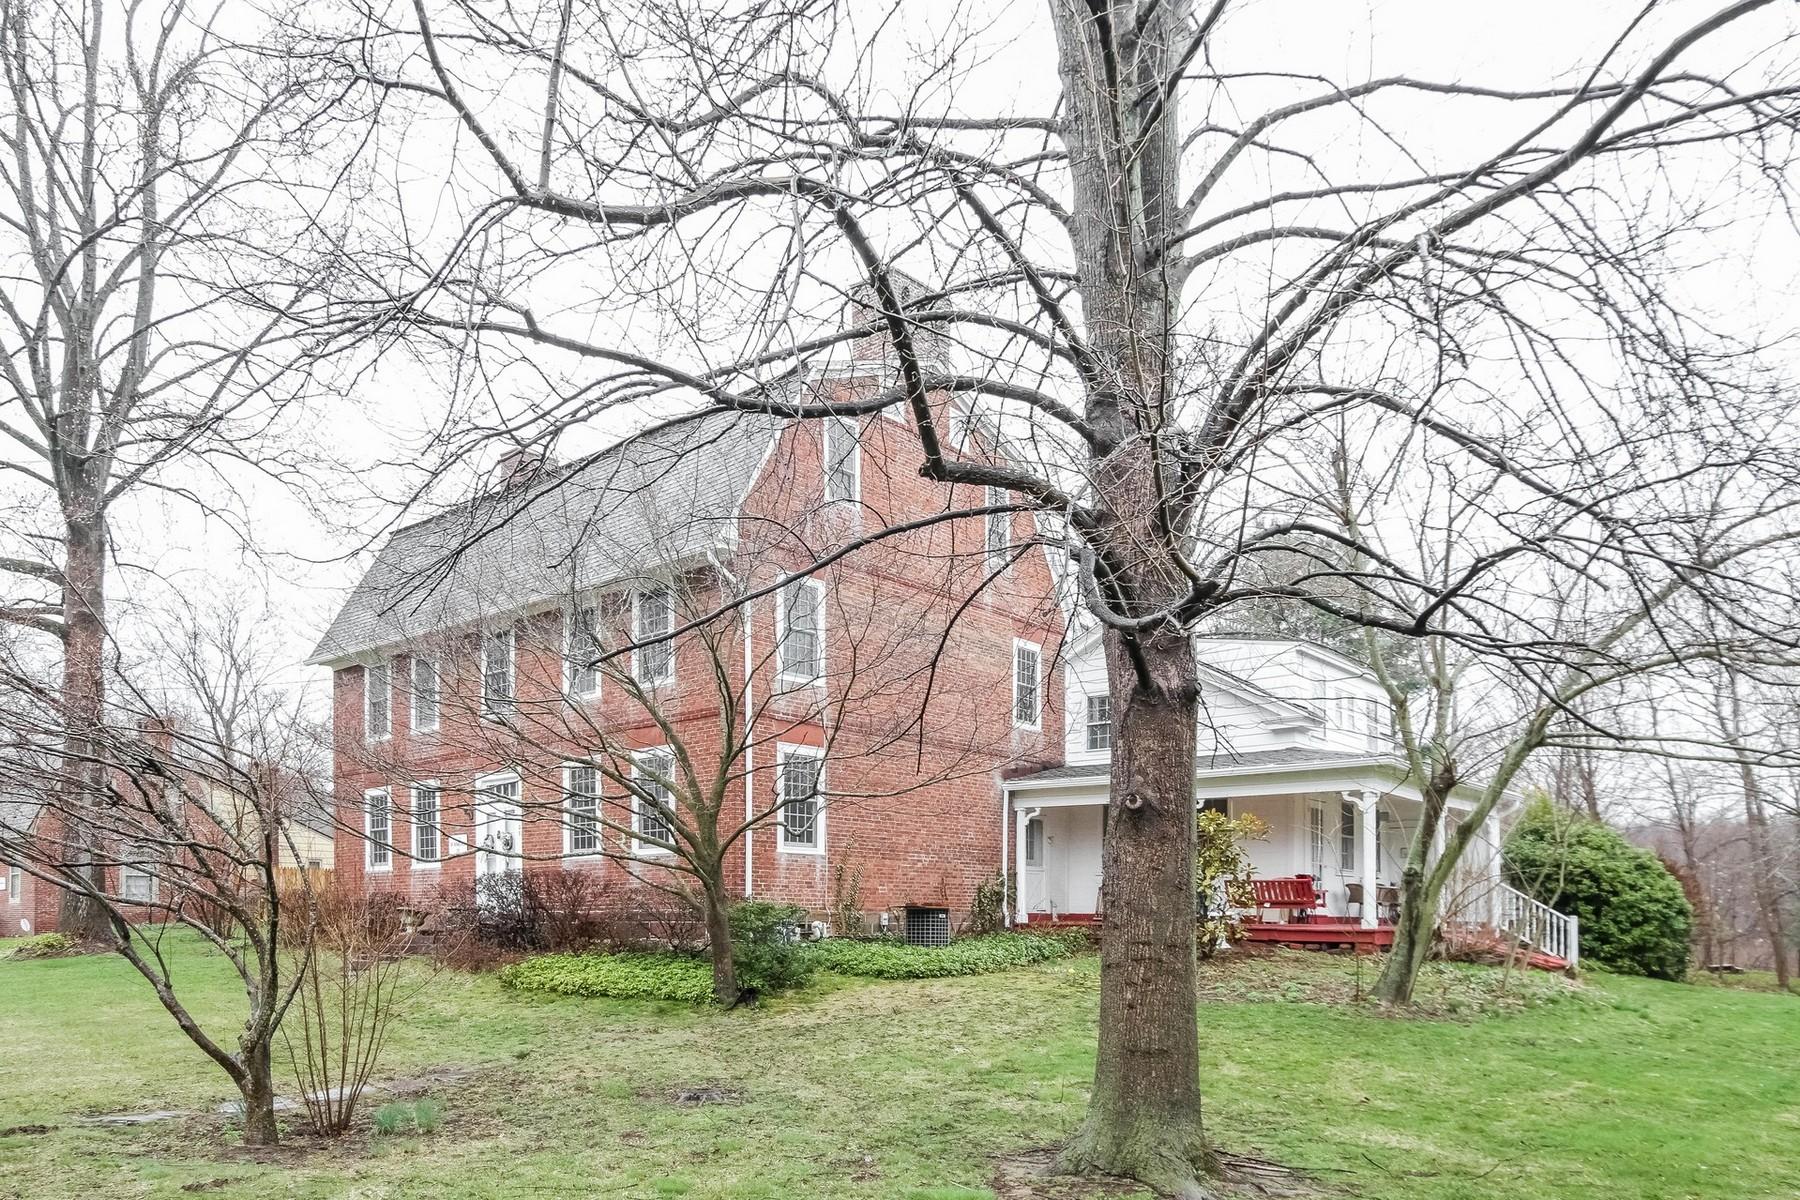 独户住宅 为 销售 在 Fabulous antique colonial majestically sited on 1.85 acres 128 Hayden Station Rd Windsor, 康涅狄格州, 06095 美国